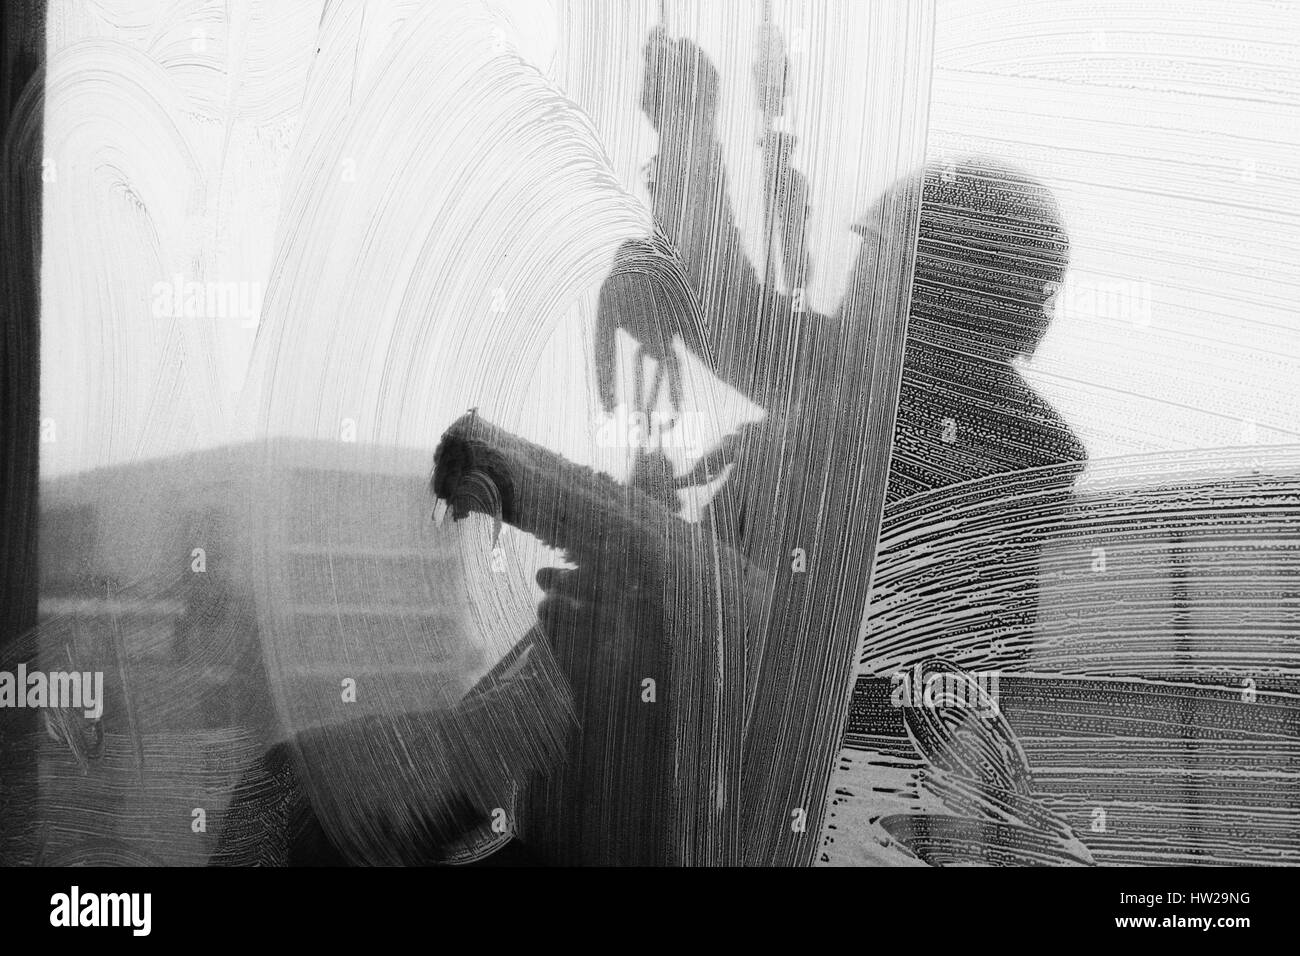 Dokumentarfotografie Der Cardiff Fenster Reinigung Firma Stockfoto